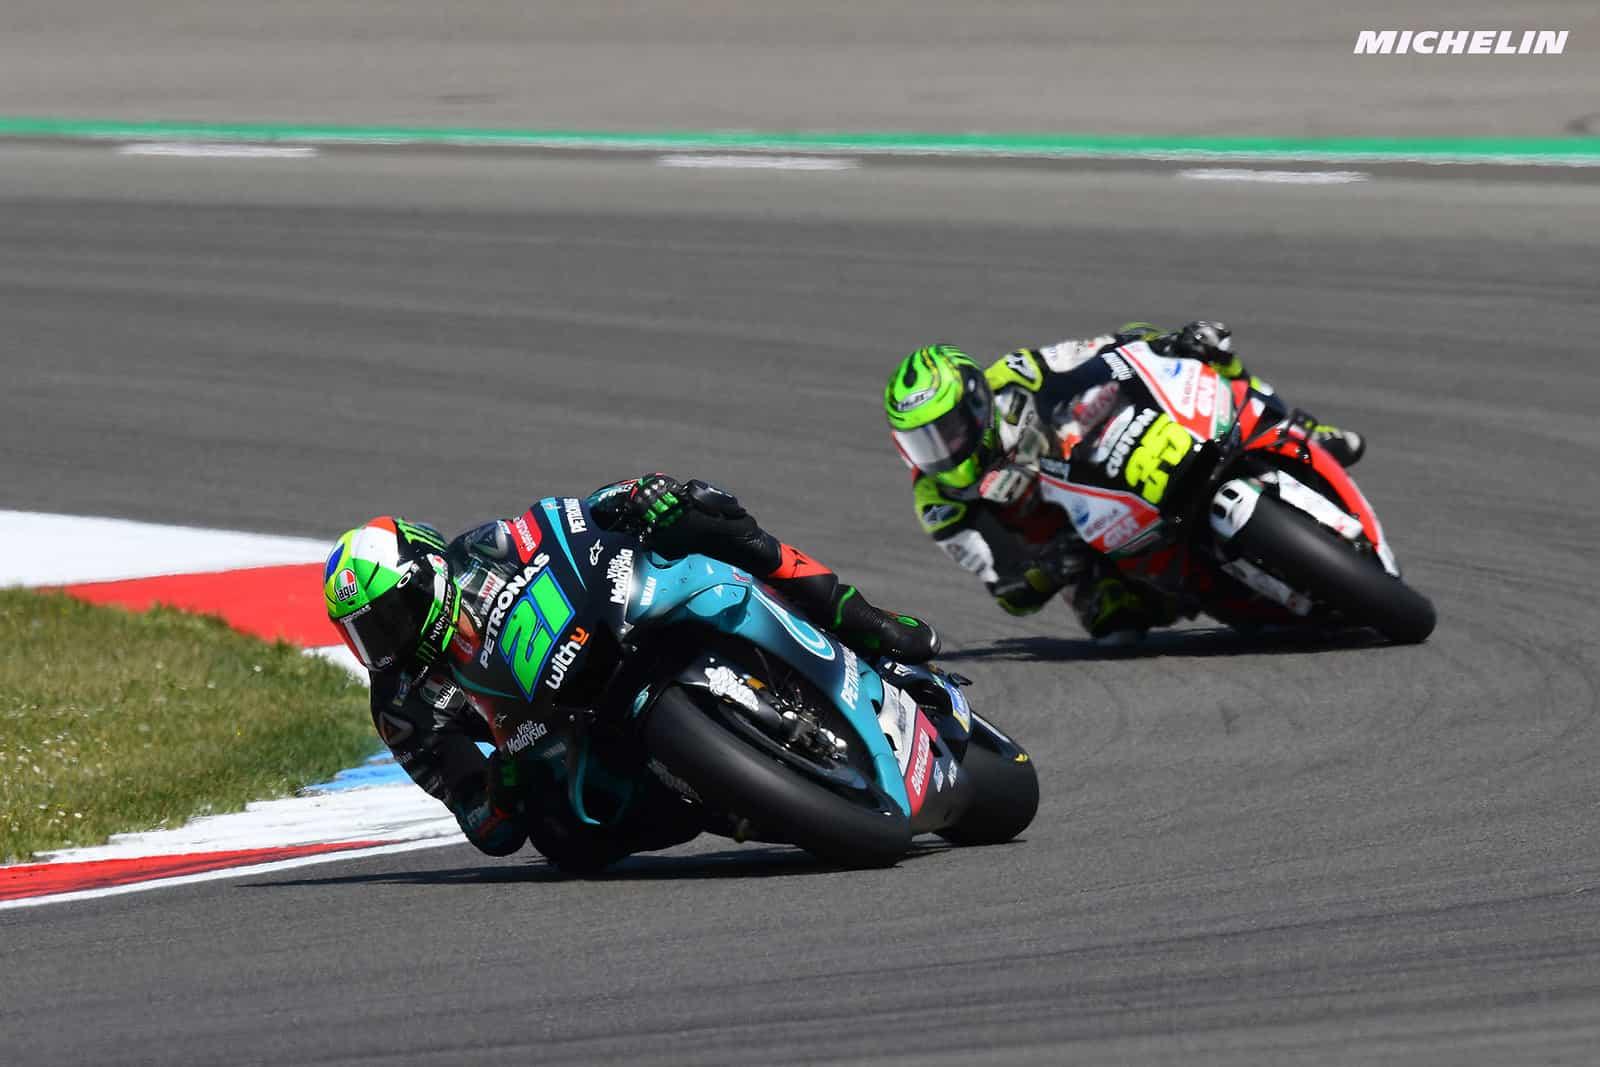 MotoGP2019オランダGP 5位モルビデッリ「ロッシが苦戦すると自分も苦戦する」